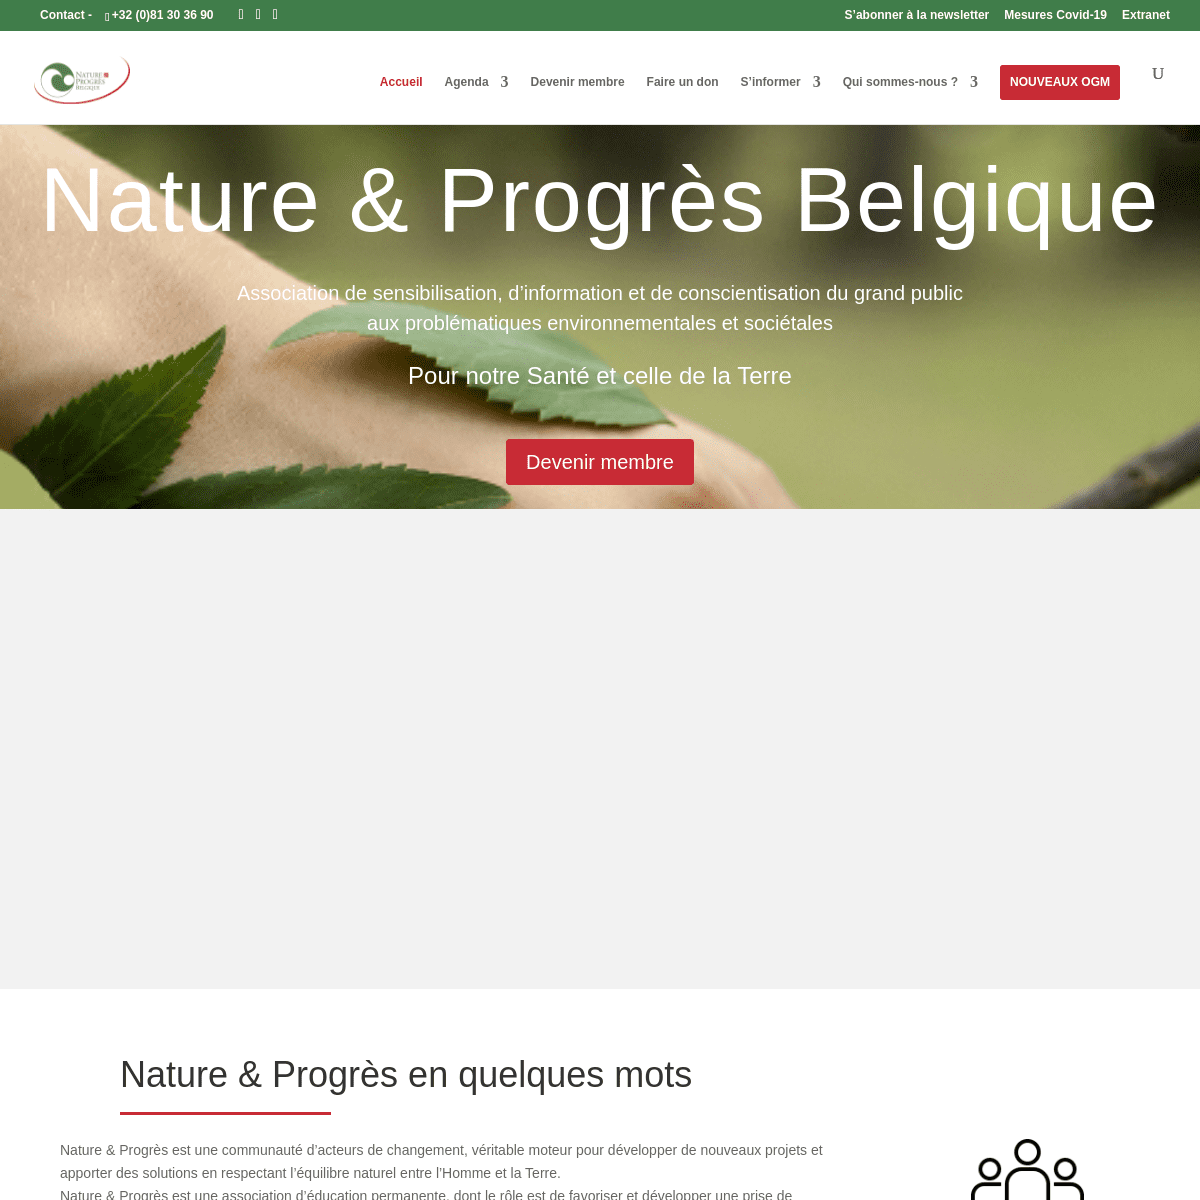 Accueil - Nature & Progrès